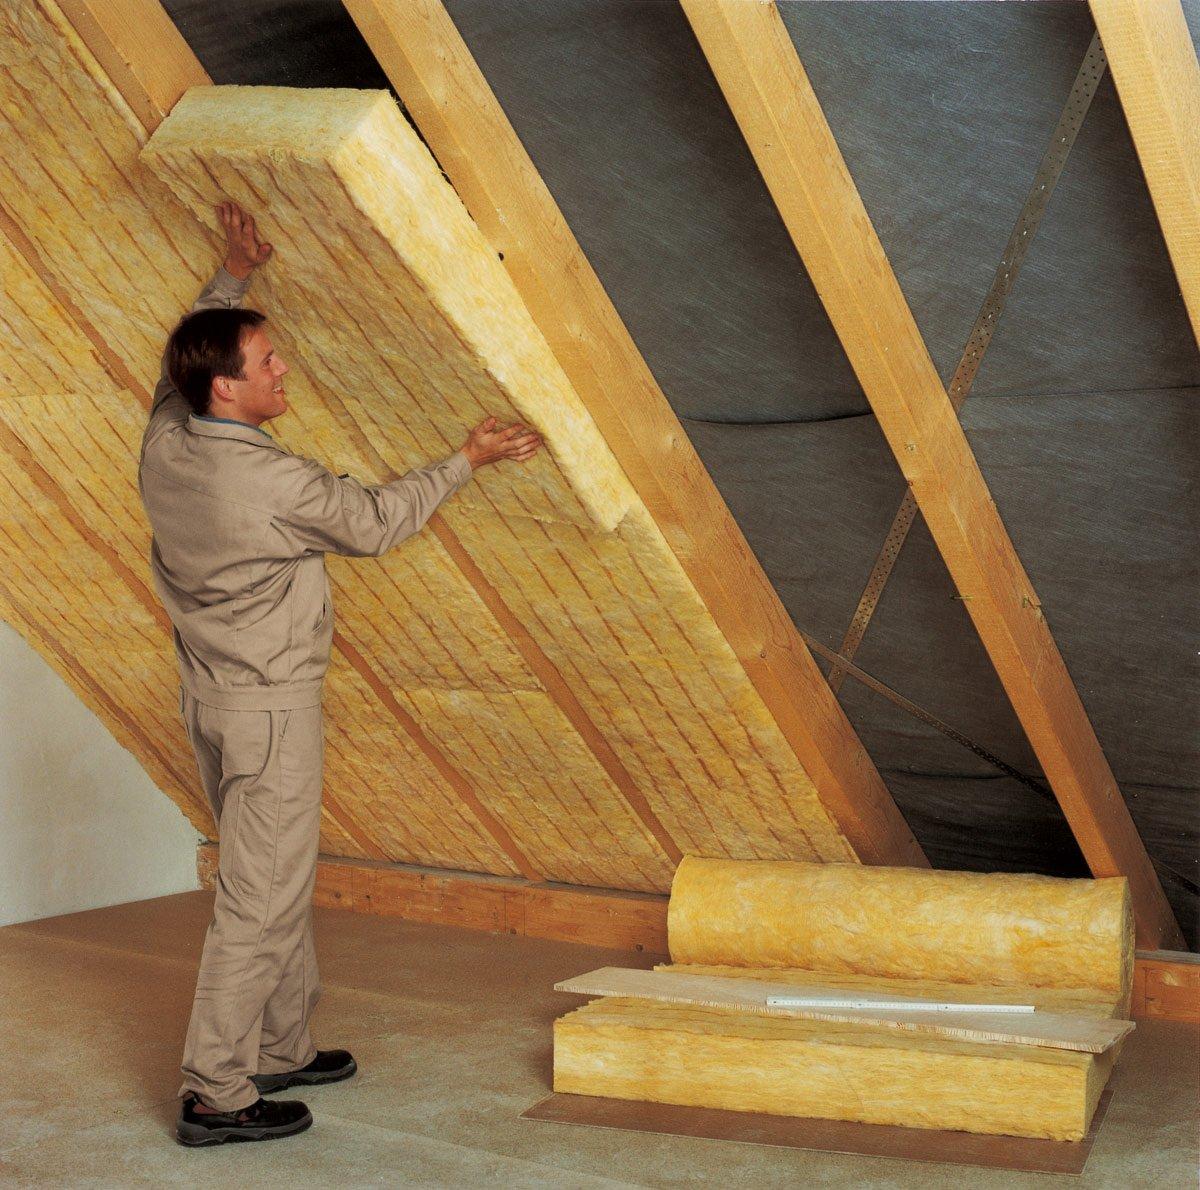 Утепление мансарды изнутри если крыша уже покрыта своими руками